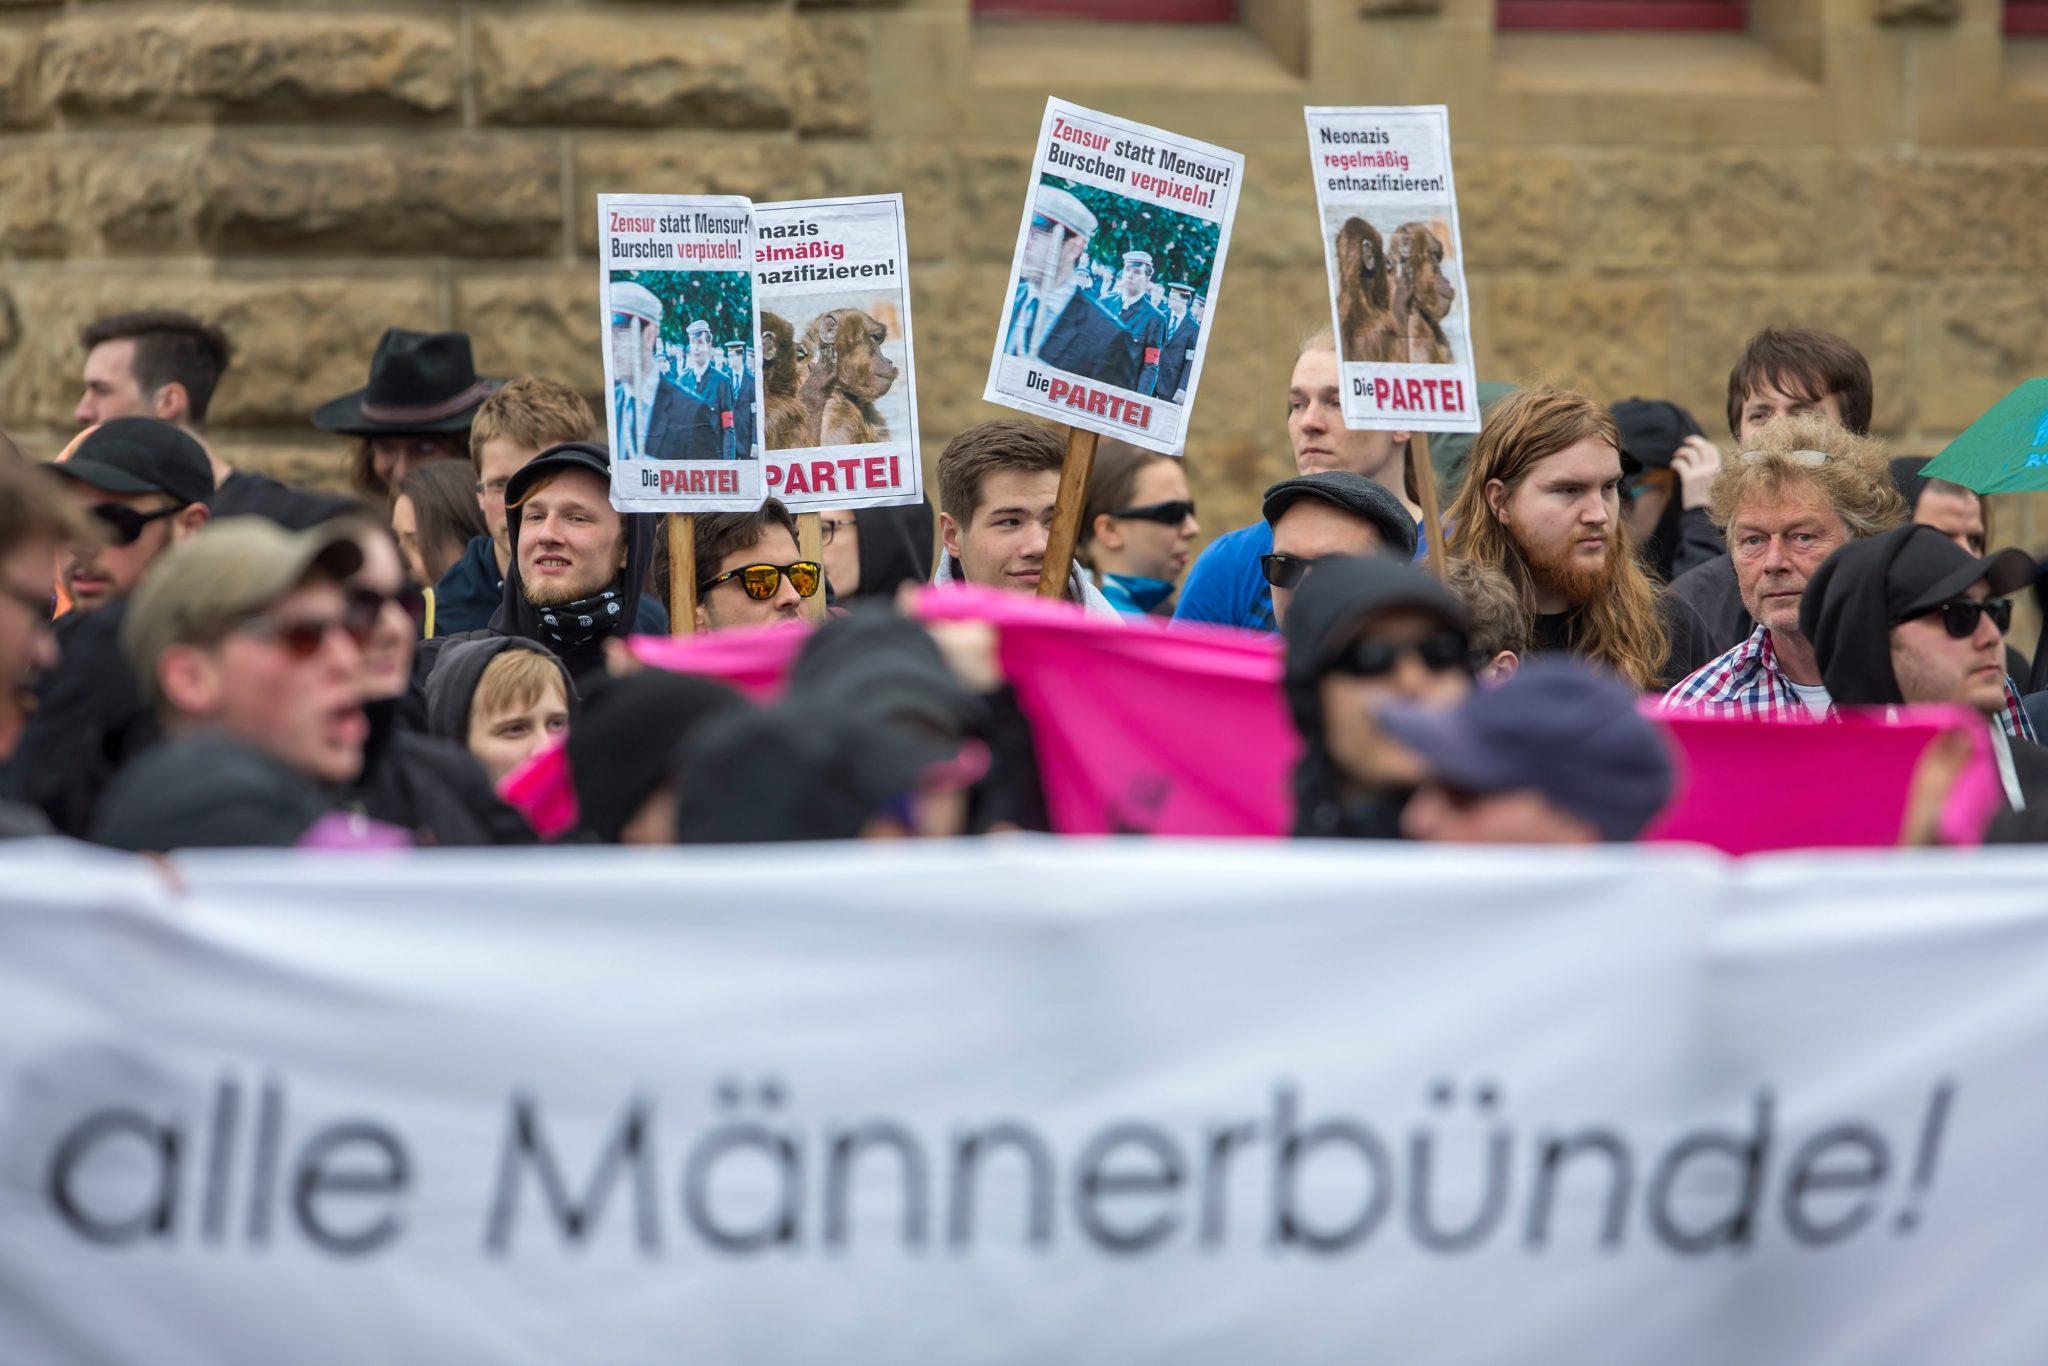 Demonstration gegen Burschenschaften in Eisenach: Es bleibt nicht bei Drohgebärden (Archivbild) Foto: picture alliance / dpa | Michael Reichel